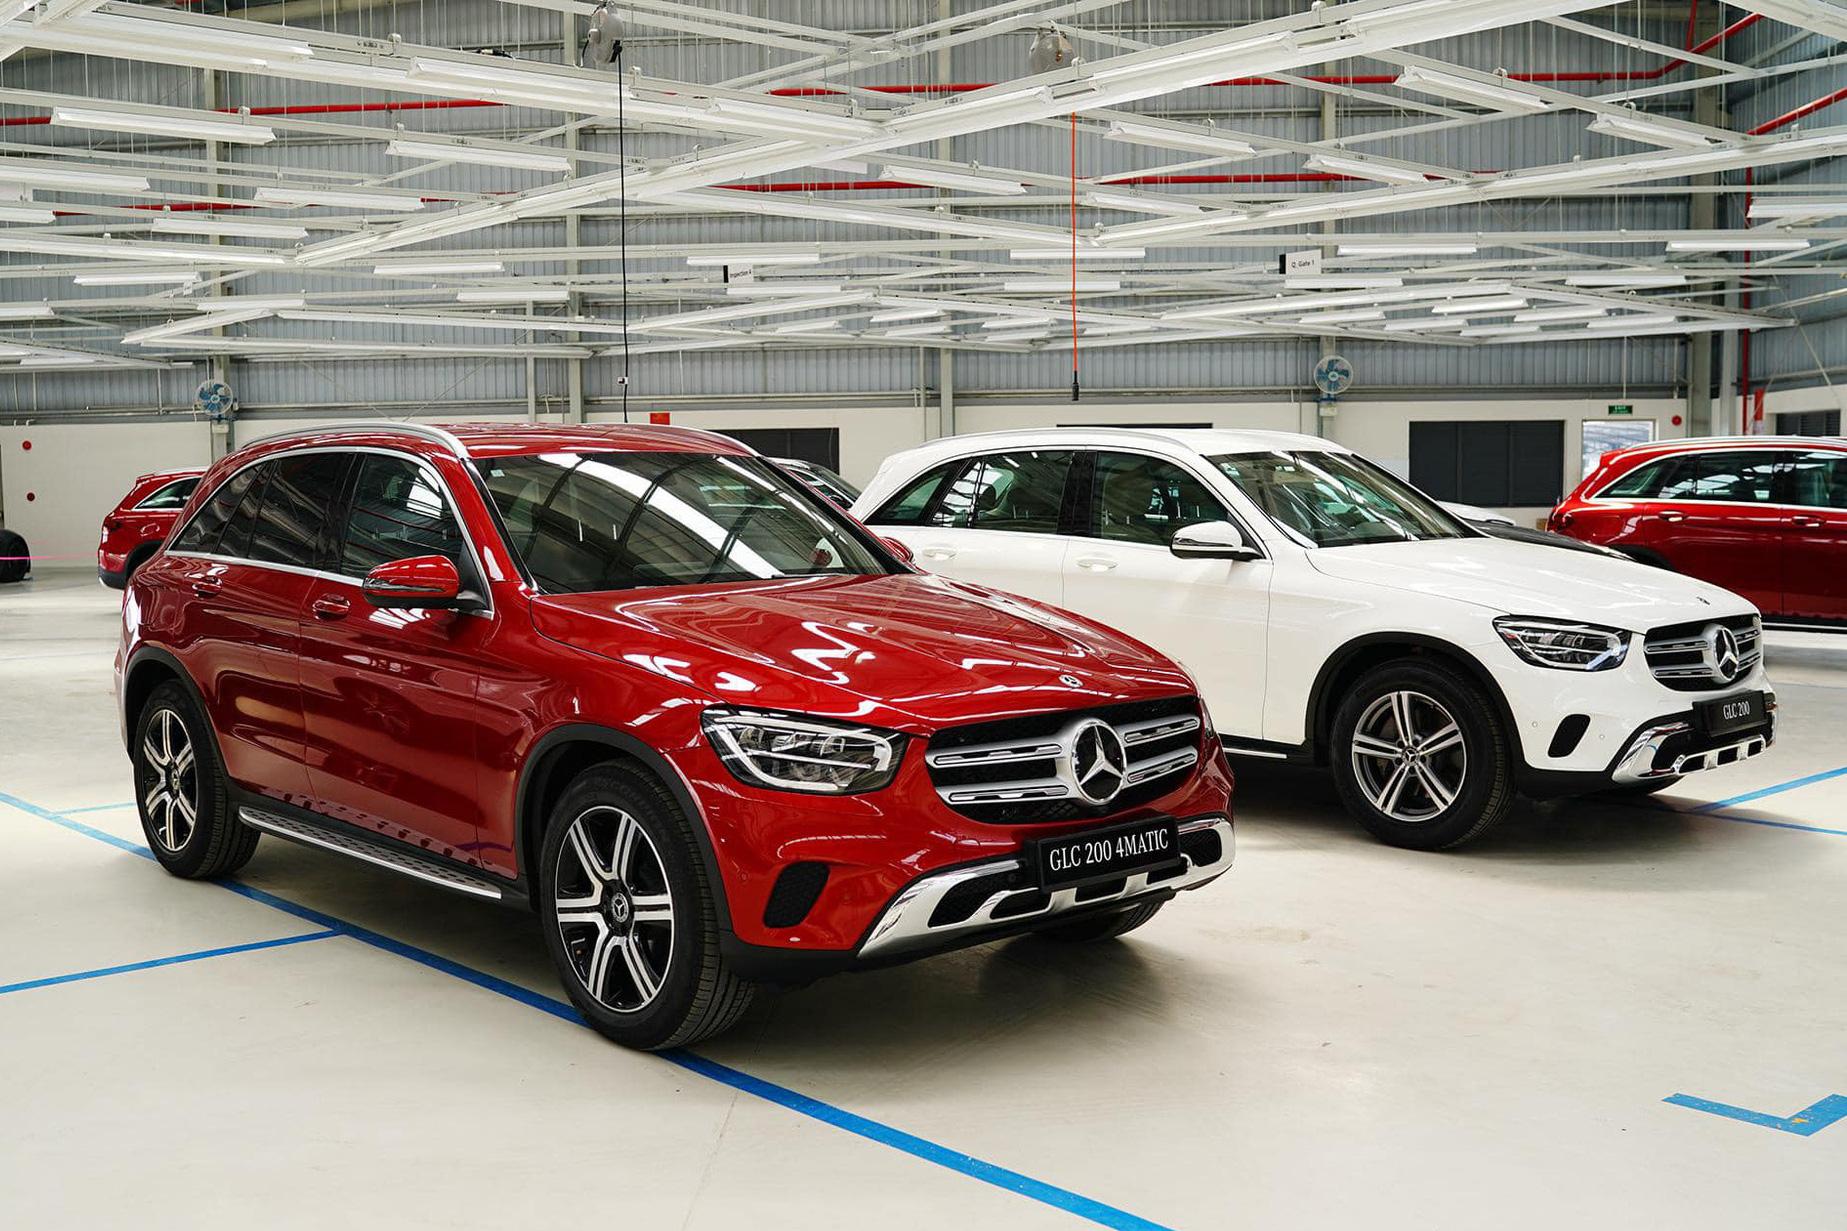 Người dùng phản ánh Mercedes-Benz GLC 300 cắt trang bị an toàn nhưng giá vẫn tăng 100 triệu đồng - Ảnh 4.